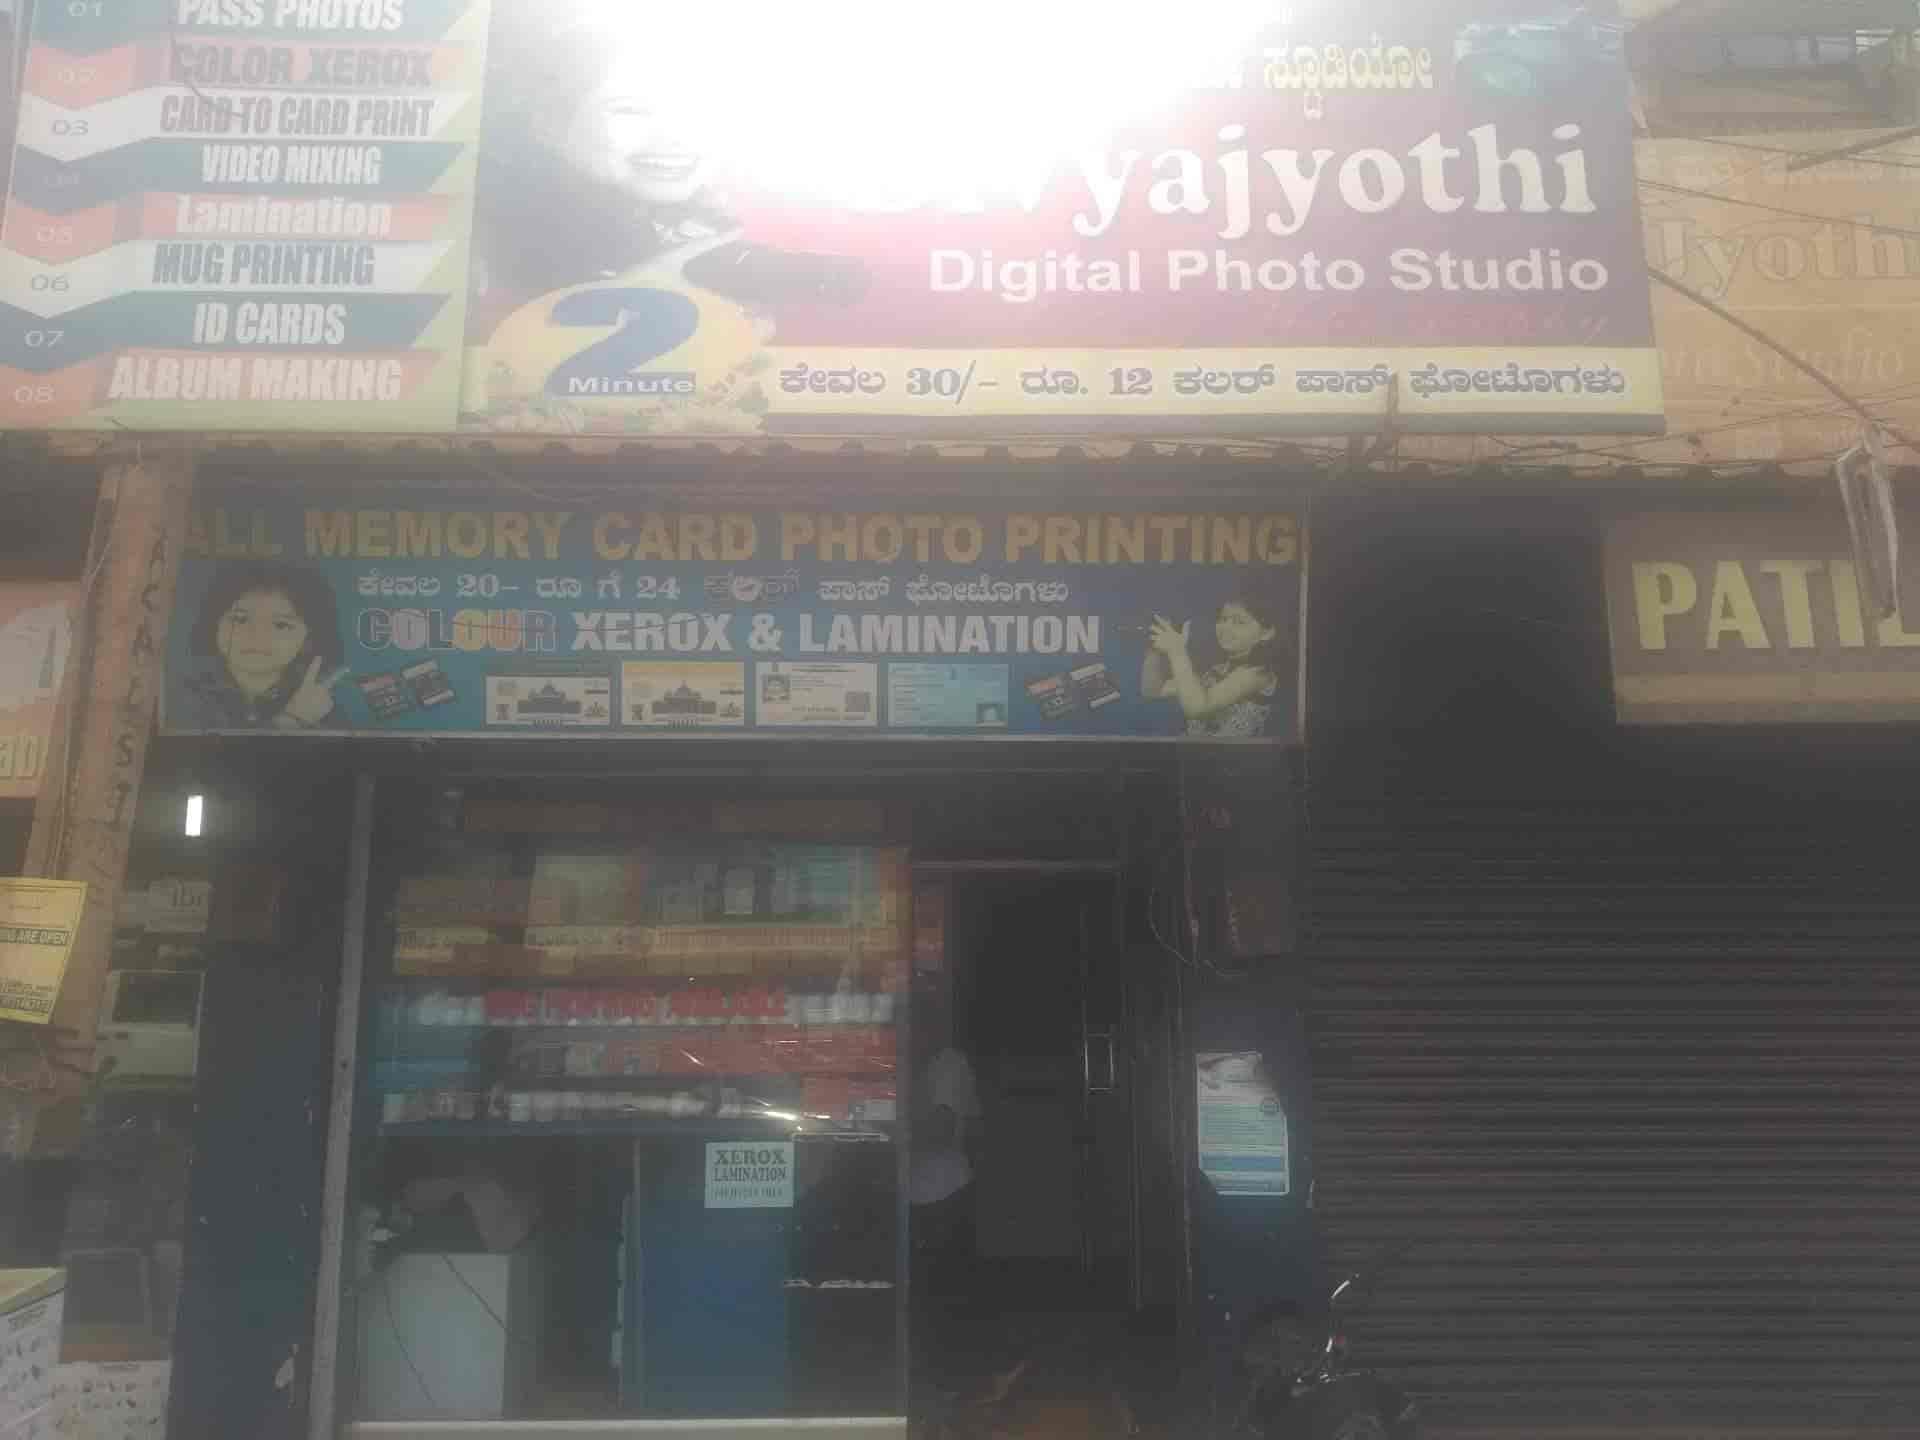 Divya Jyothi Digital Photo Studio Photos, Ambedkar Circle